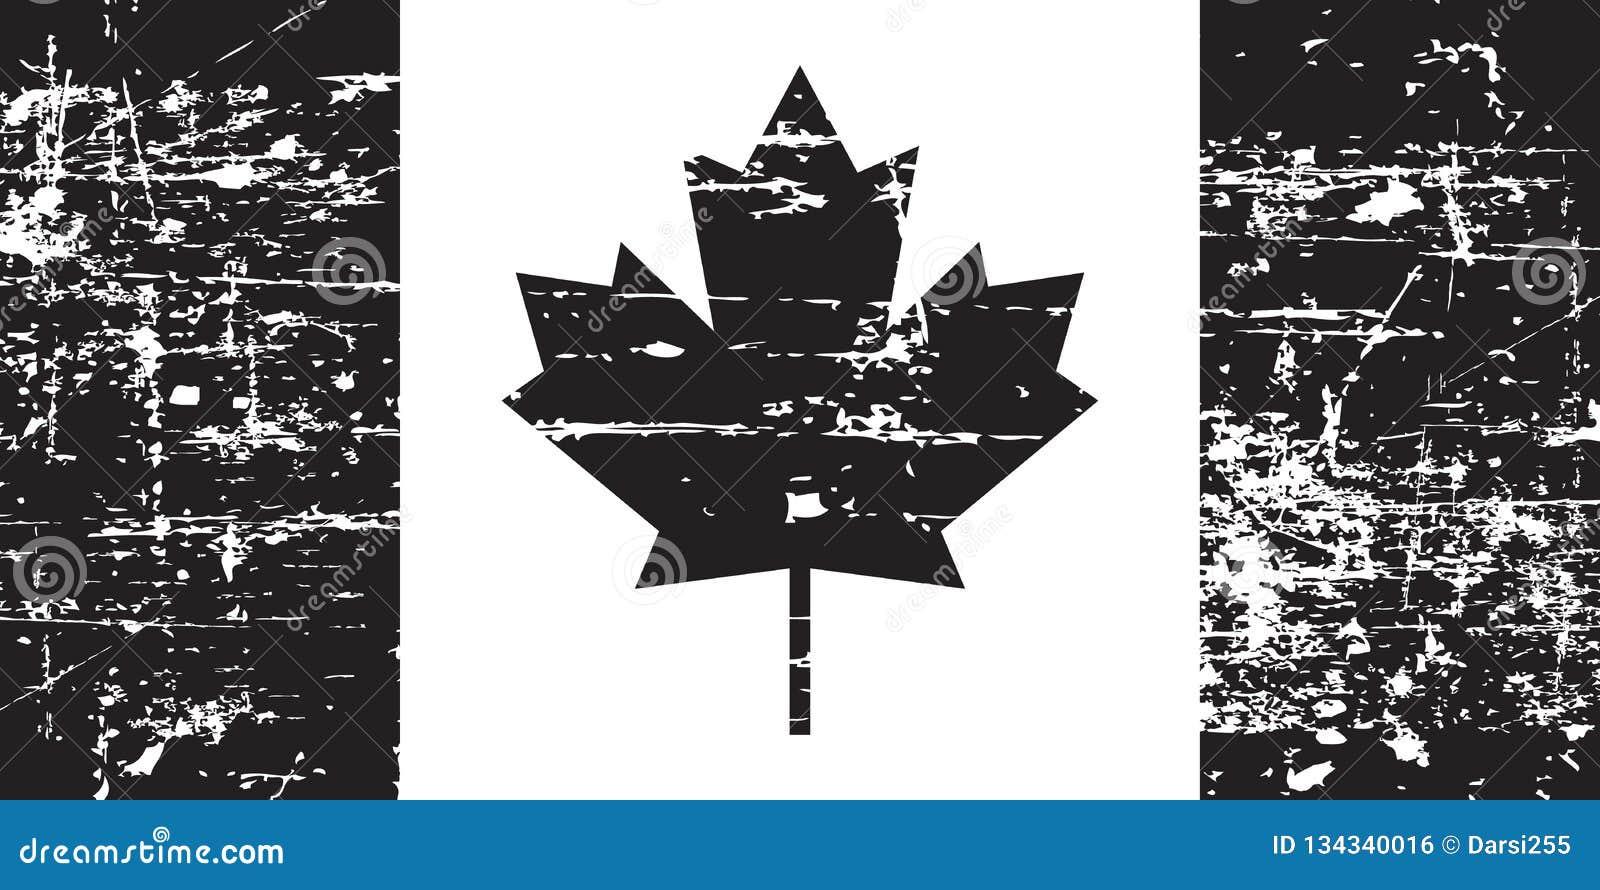 De oude die vlag van Canada grunge, zwarte op witte achtergrond, illustratie wordt geïsoleerd